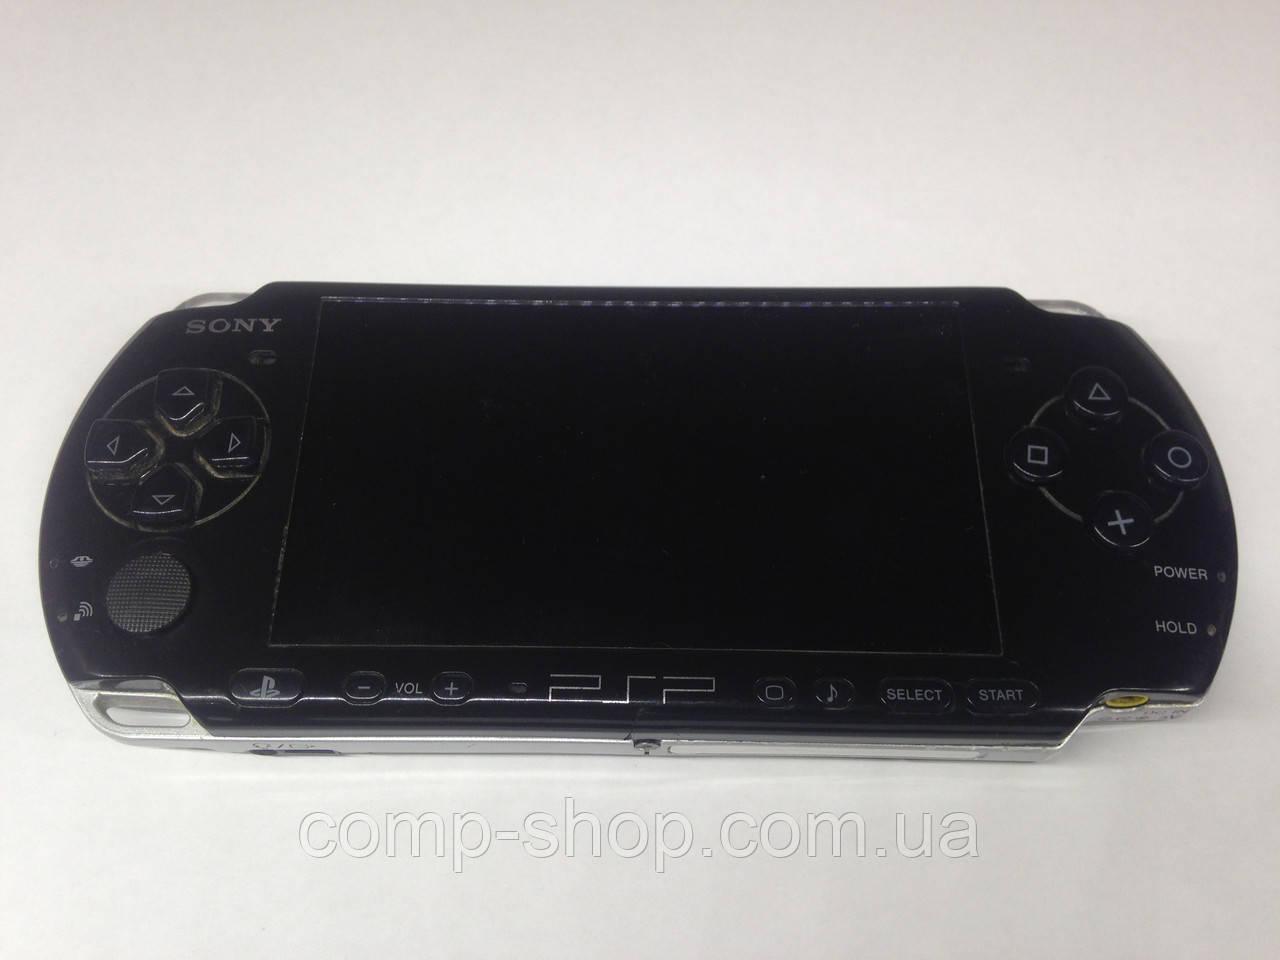 Игровая приставка Sony psp - 3008